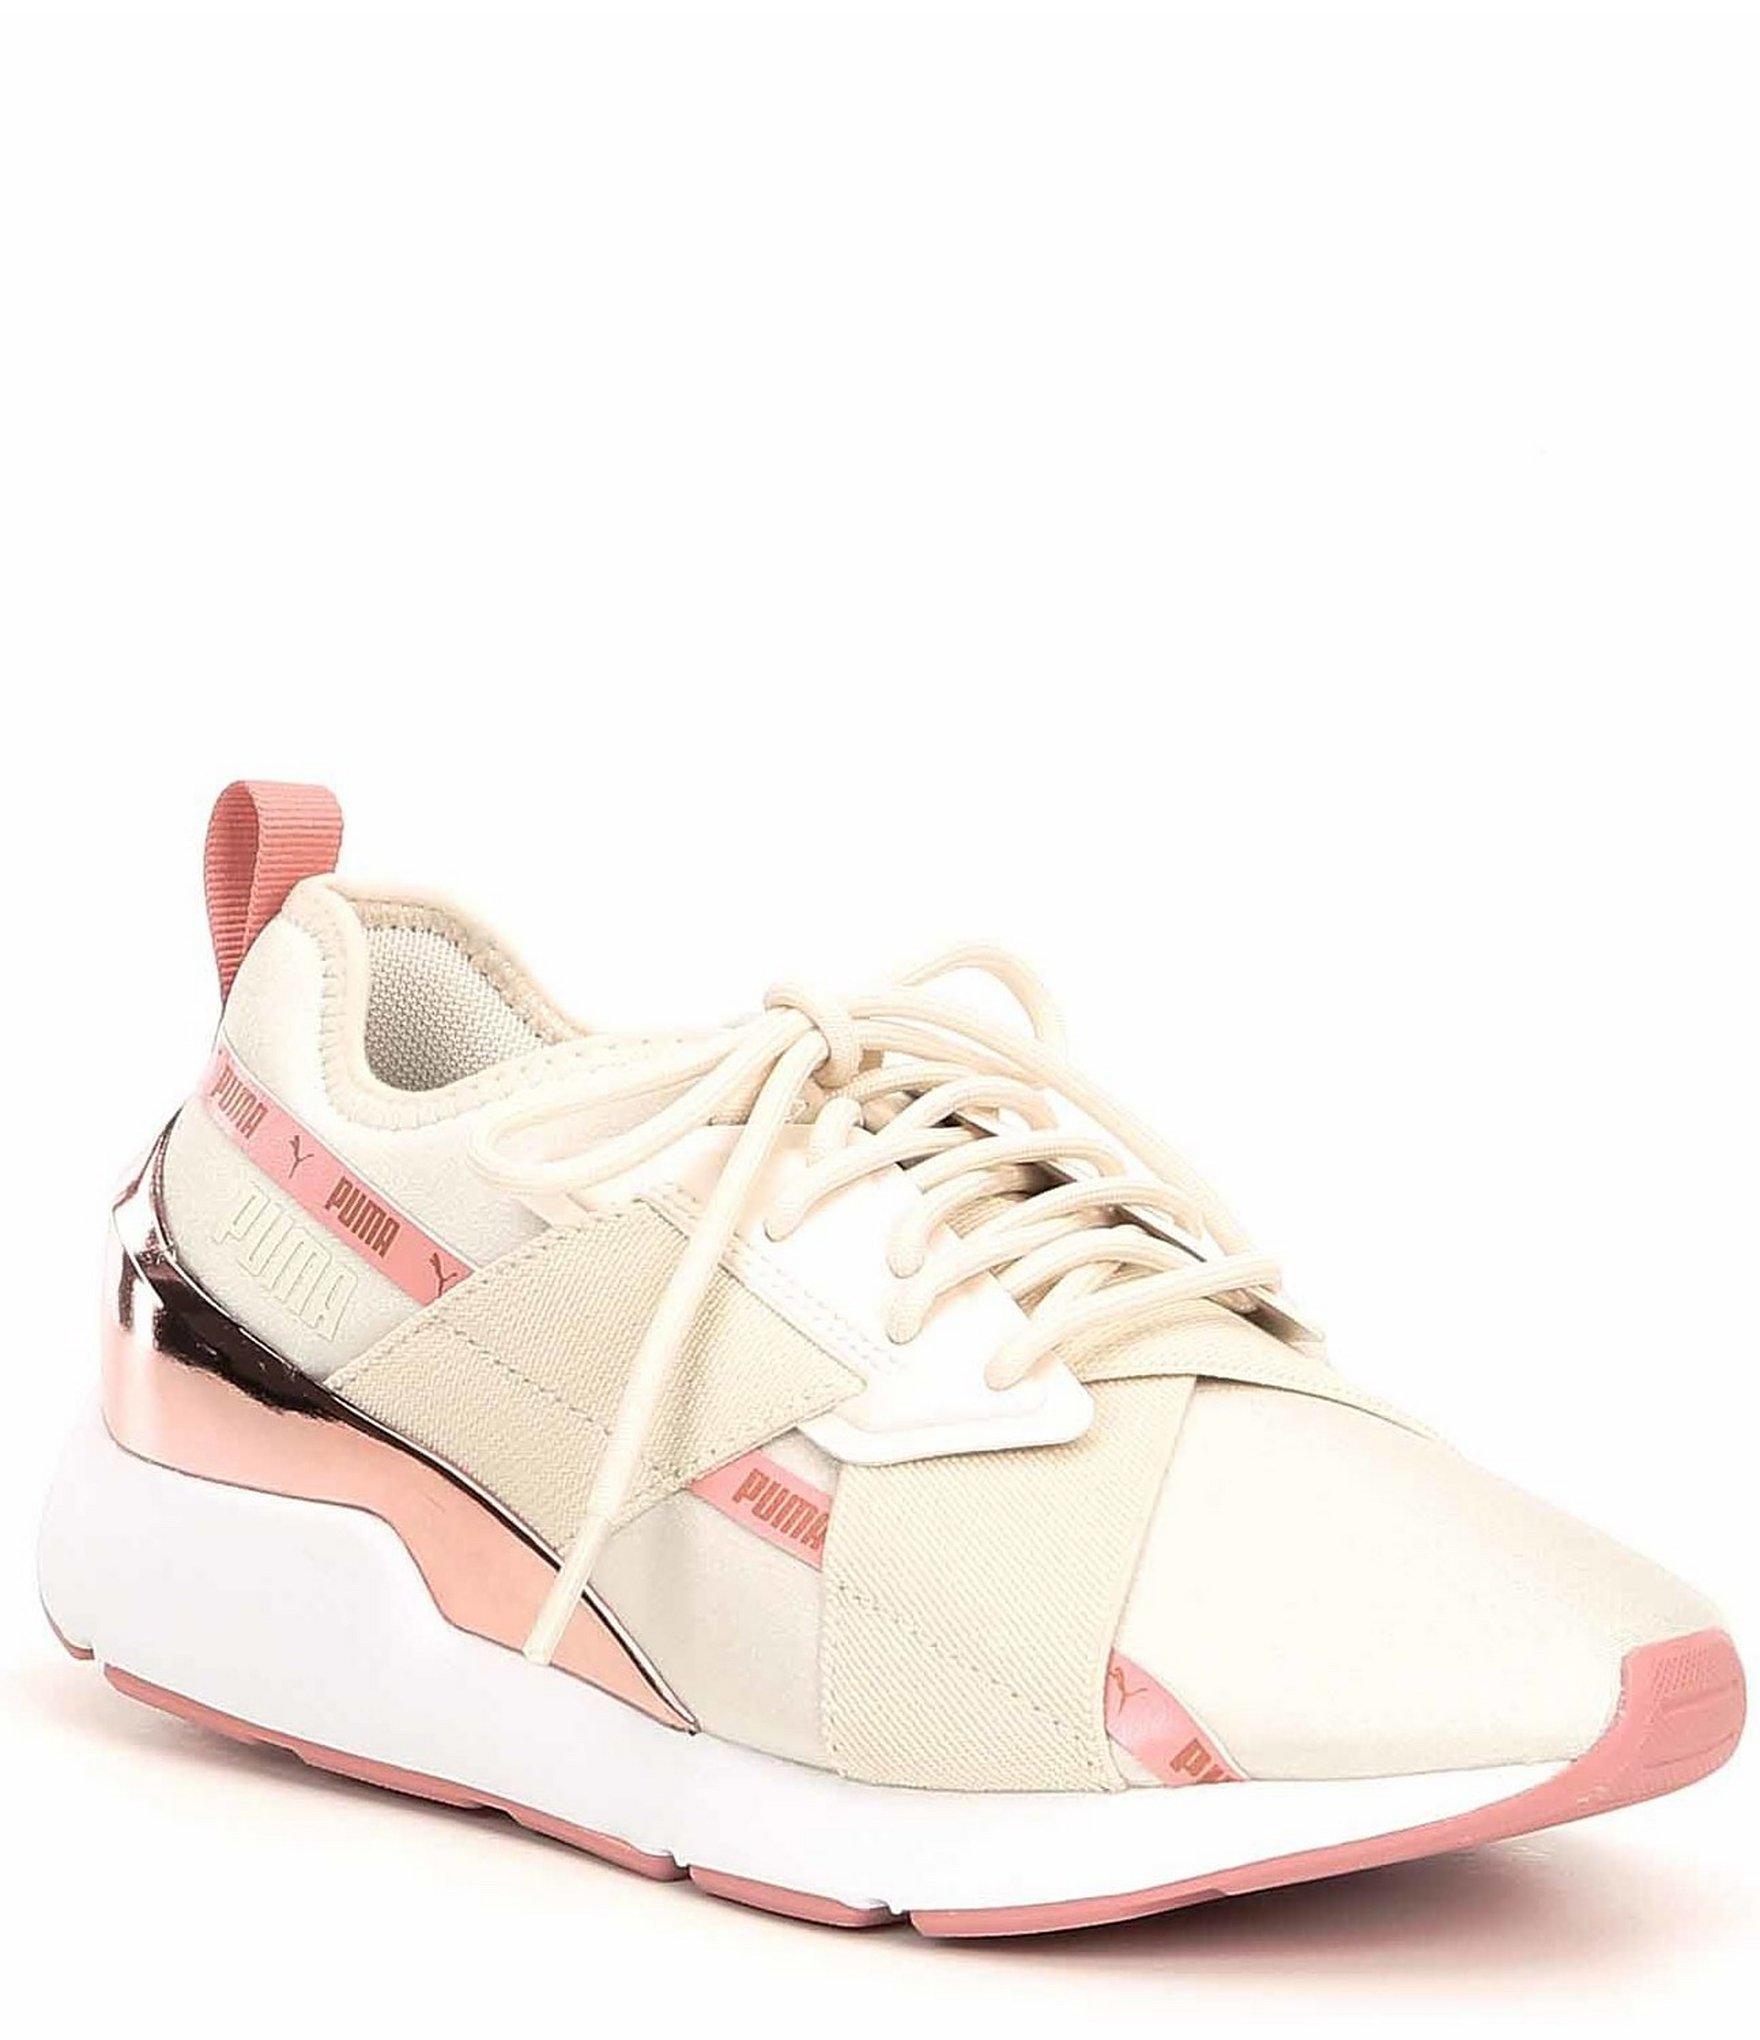 PUMA Women's Muse X 2 Metallic Shoes